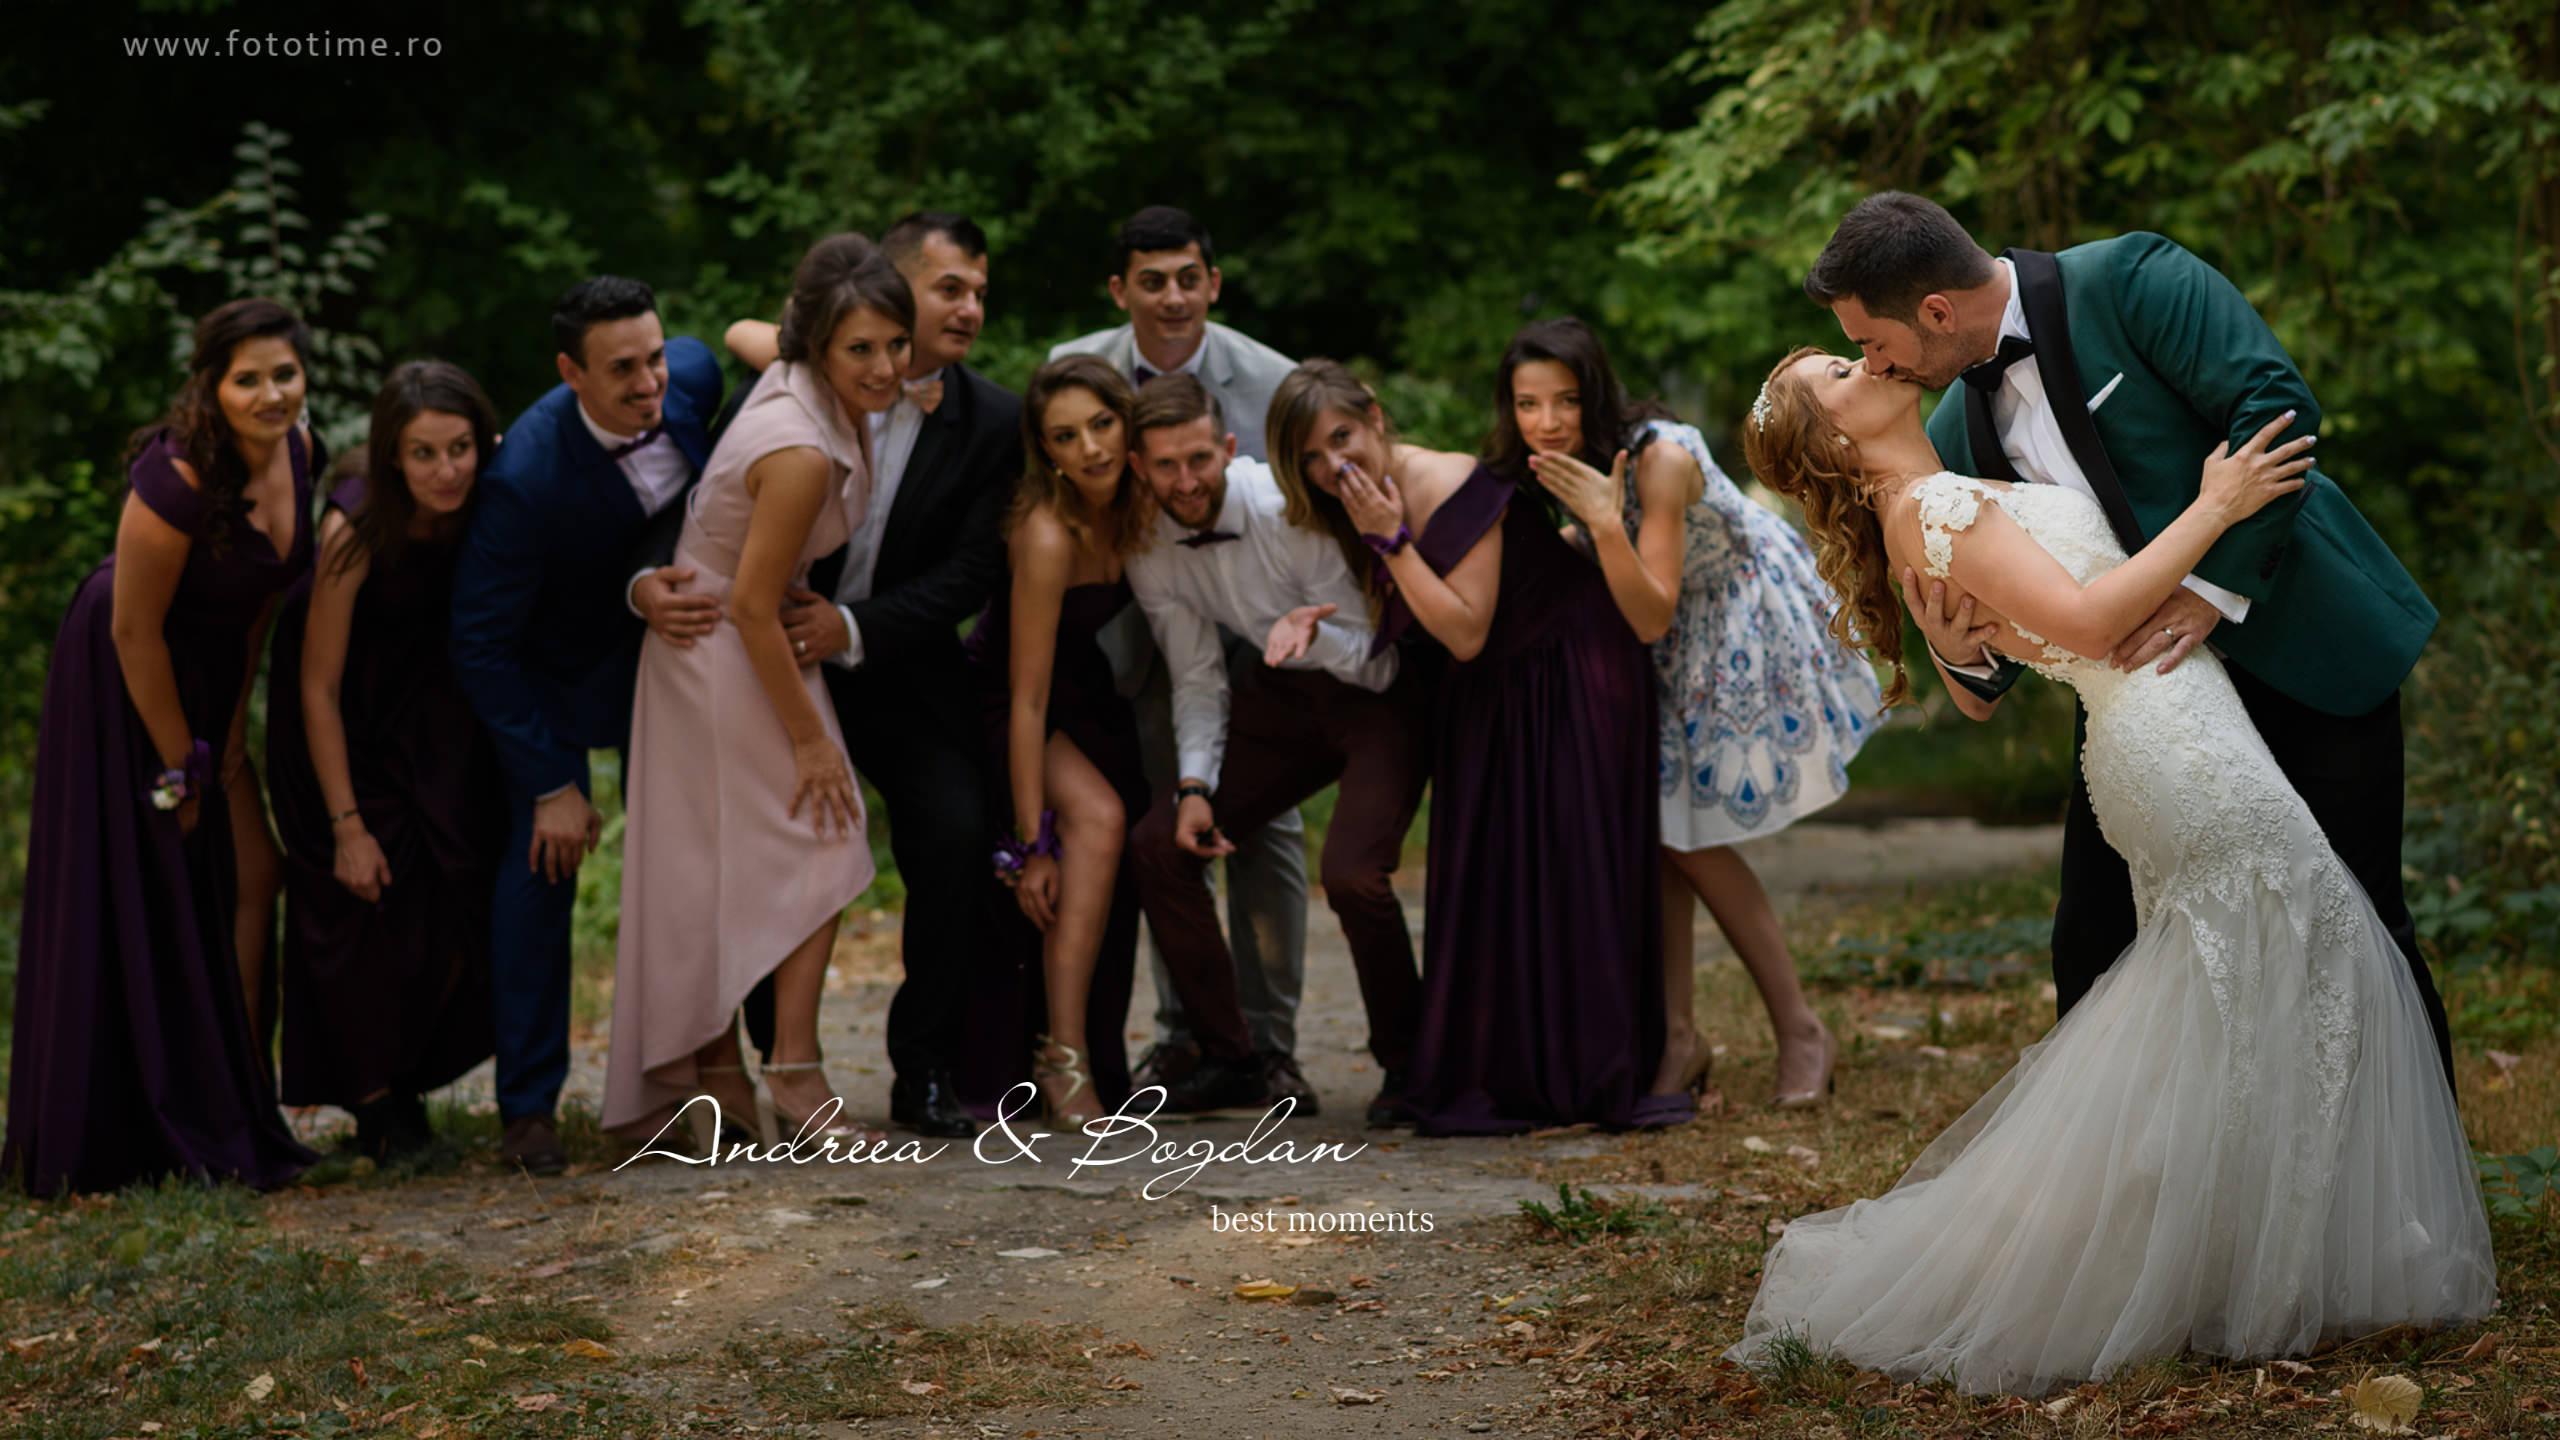 Filmare Nunta FotoTime - Filmare nunta Mogosoaia